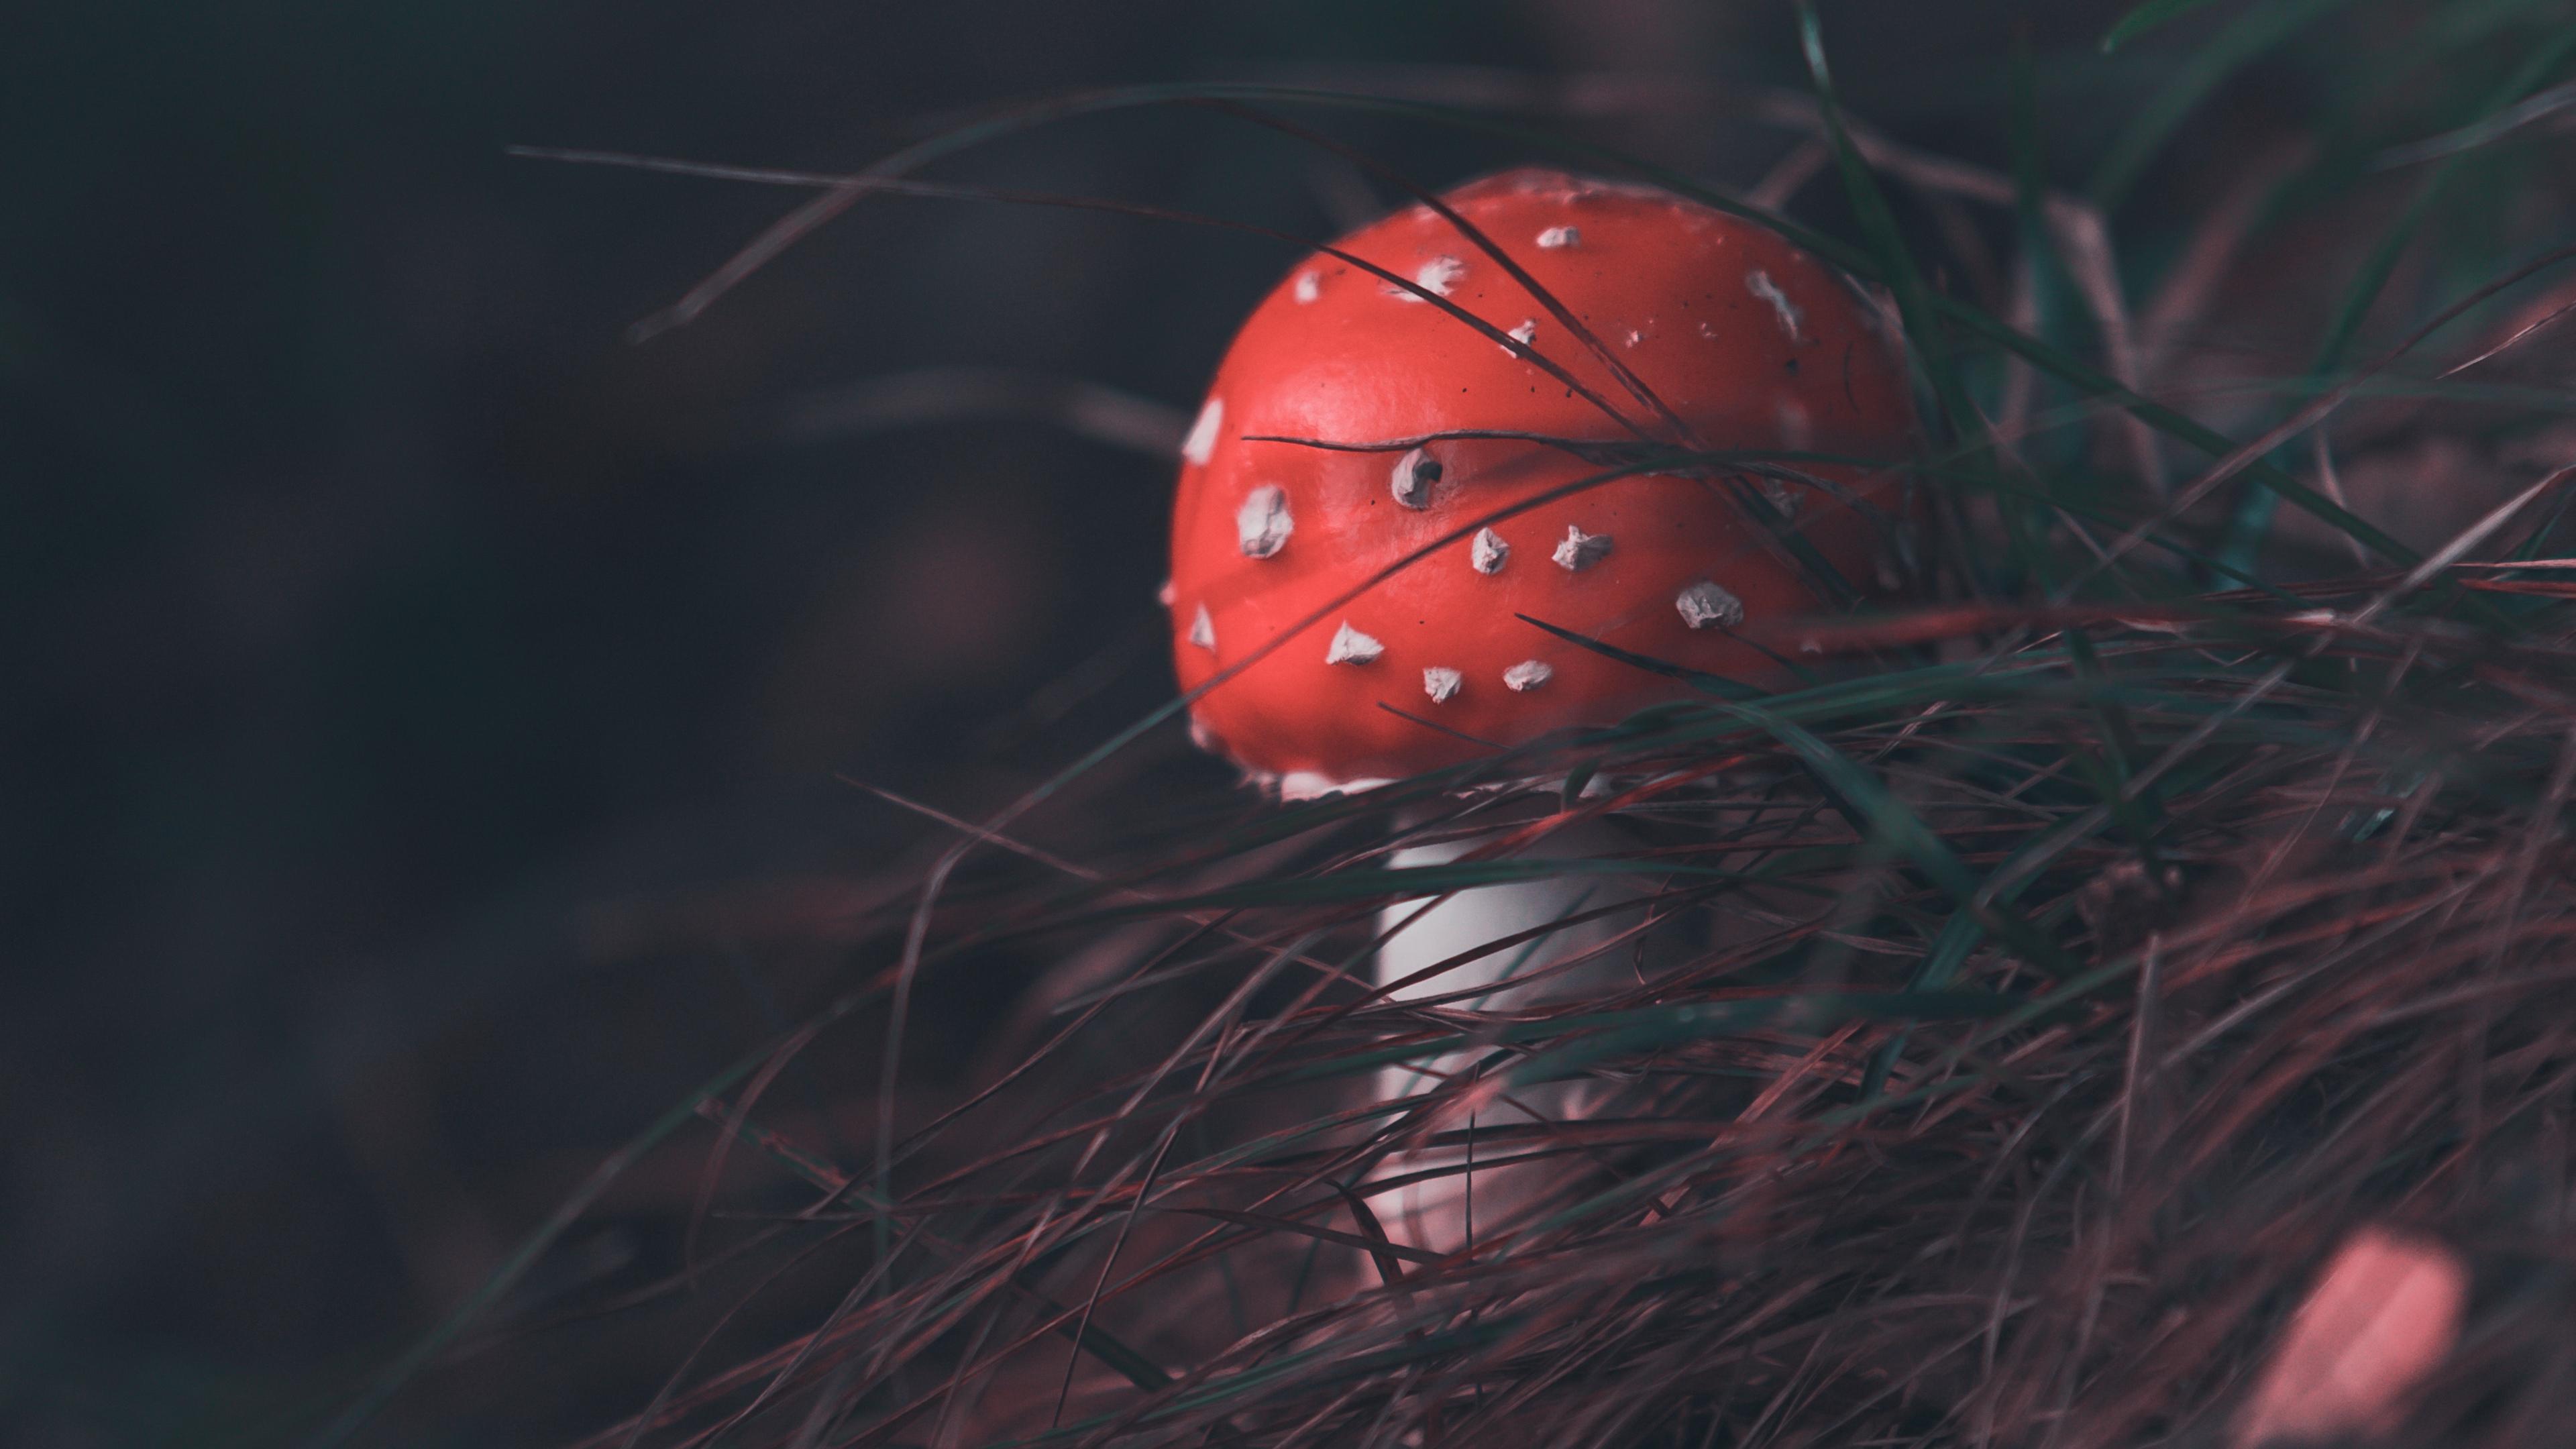 mushroom fly agaric grass blur 4k 1541113523 - mushroom, fly agaric, grass, blur 4k - Mushroom, Grass, fly agaric